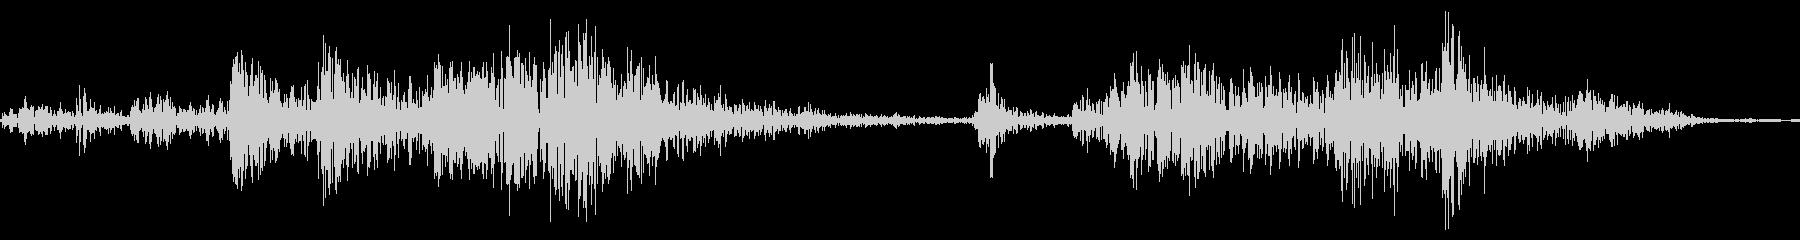 銃のリロード音【リアル・ジャキ!】の未再生の波形